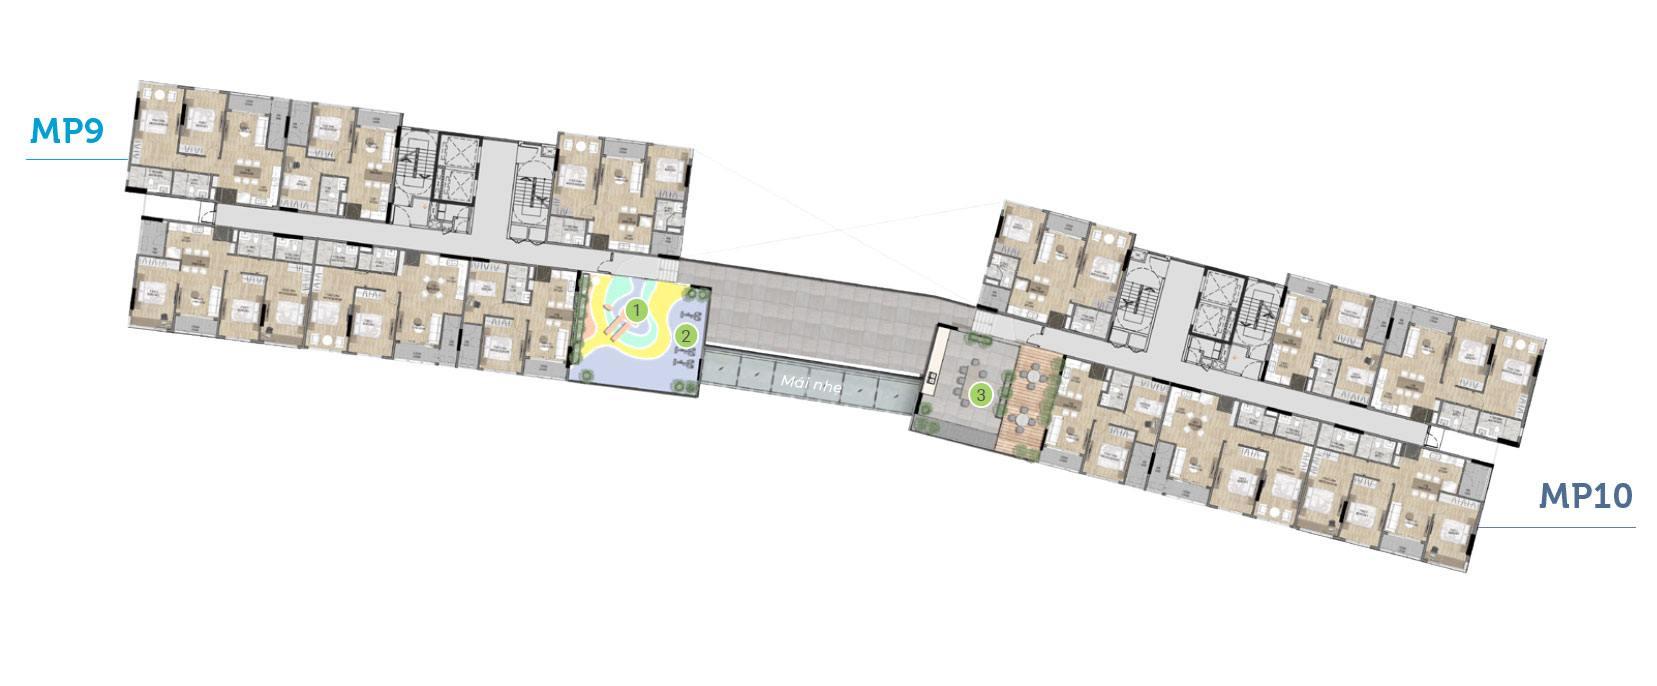 Mặt bằng tiện ích tầng 3 tòa MP9 MP10 - Mizuki Park.